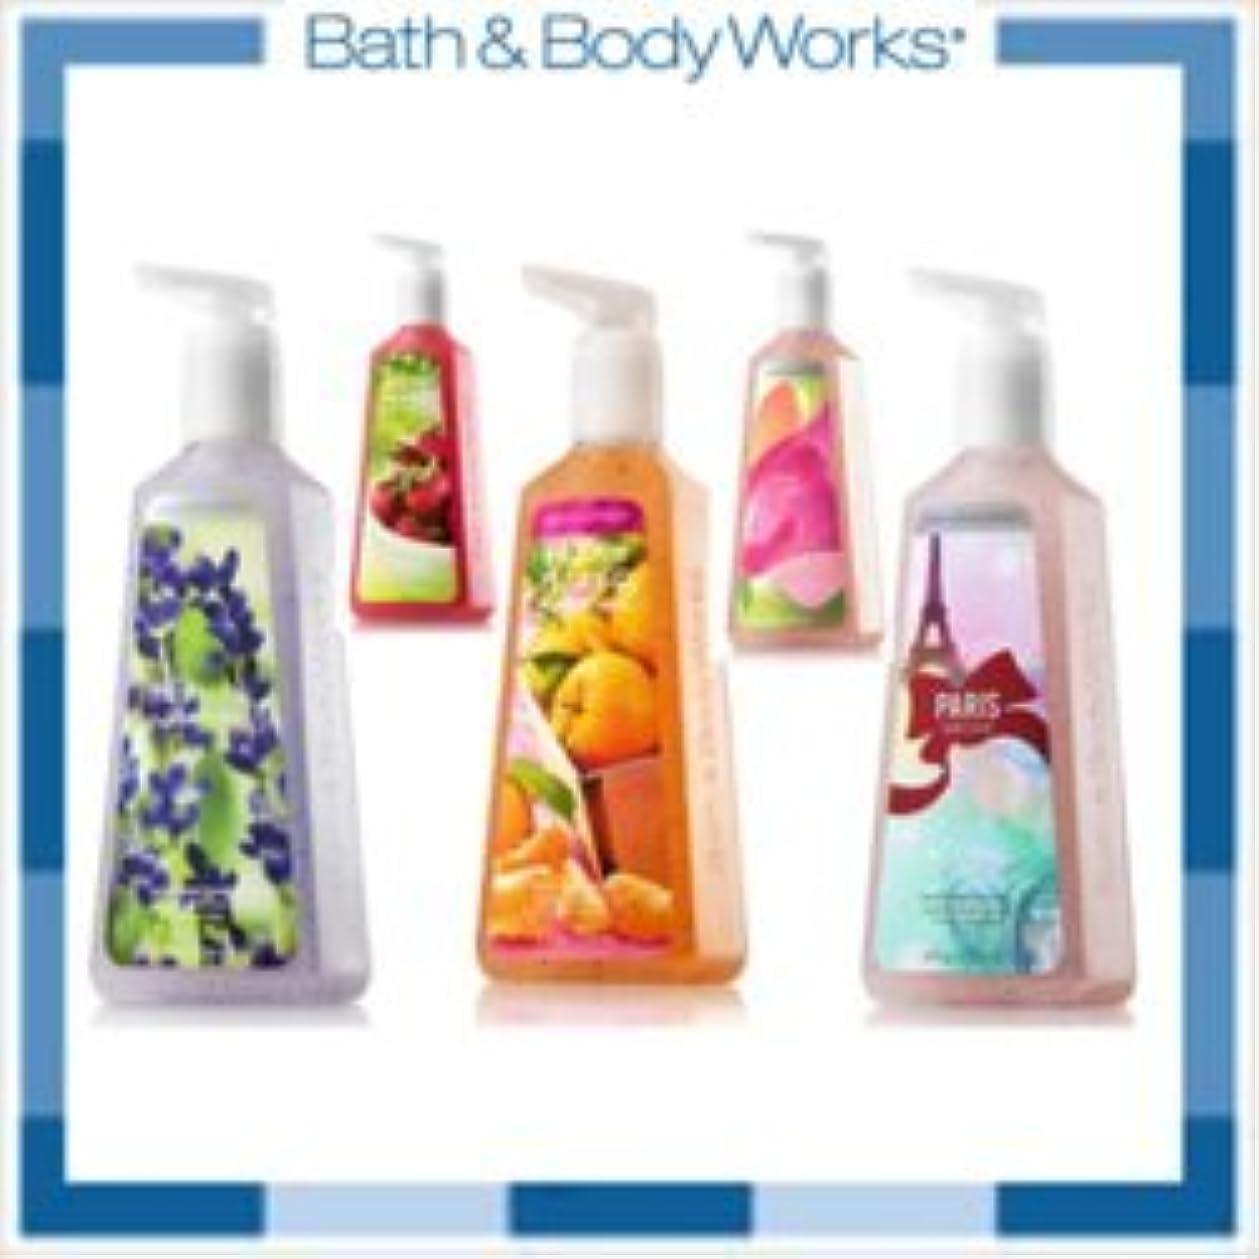 辞任うれしい兄弟愛Bath & Body Works ハンドソープ 8本詰め合わせセット (???????、??????????????or MIX) 【平行輸入品】 (ディープクレンジング  (8本))